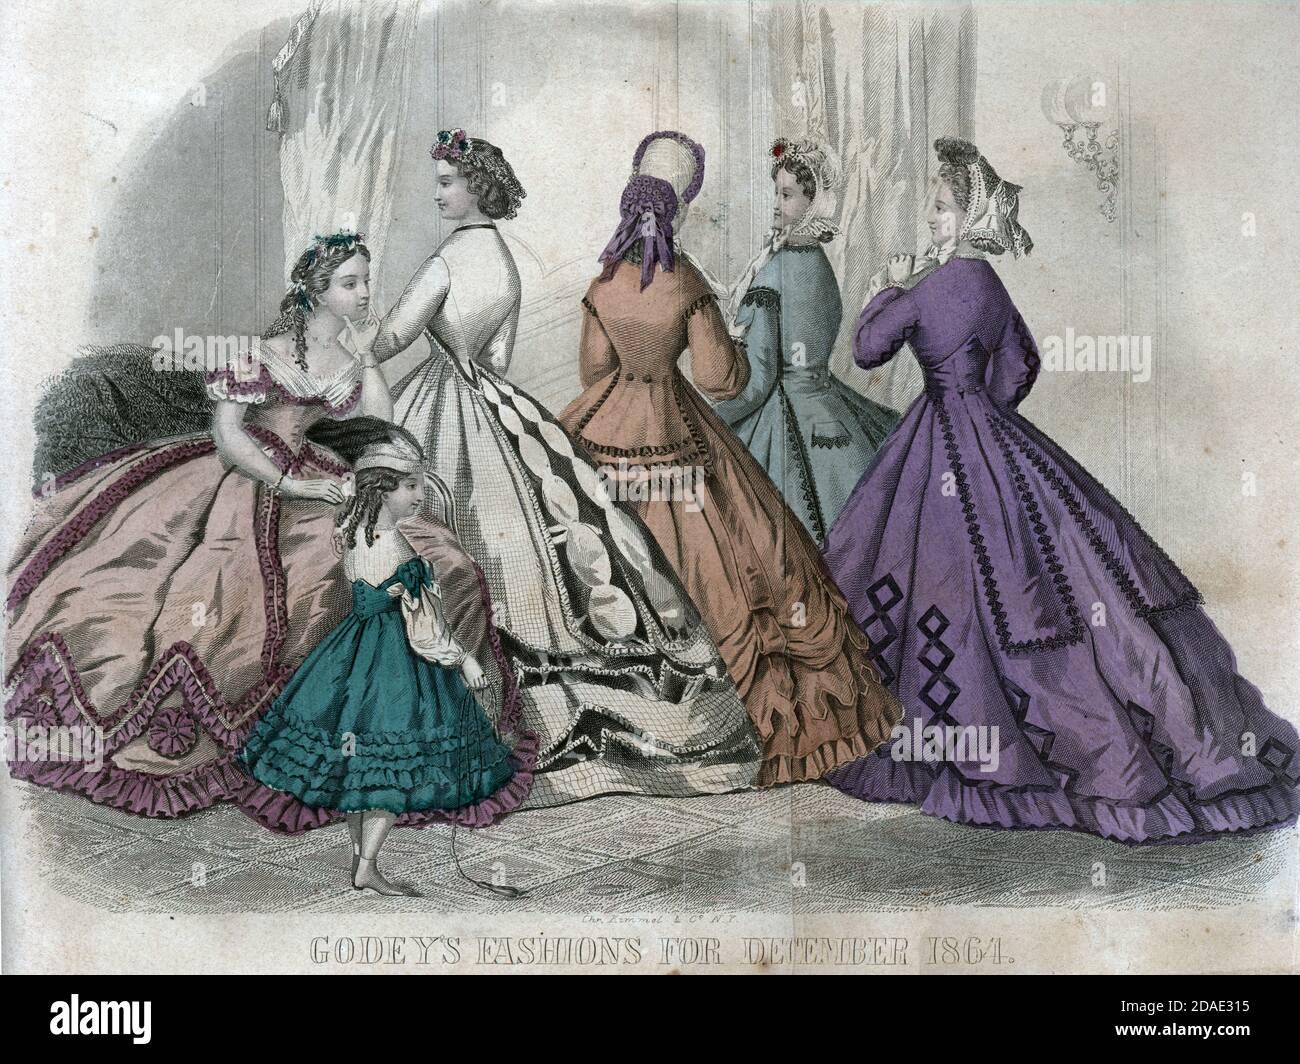 Godey's Fashion pour décembre 1864 de Godey's Lady's Book and Magazine, décembre 1864, Volume LXIX, (Volume 69), Philadelphie, Louis A. Godey, Sarah Josepha Hale, Banque D'Images